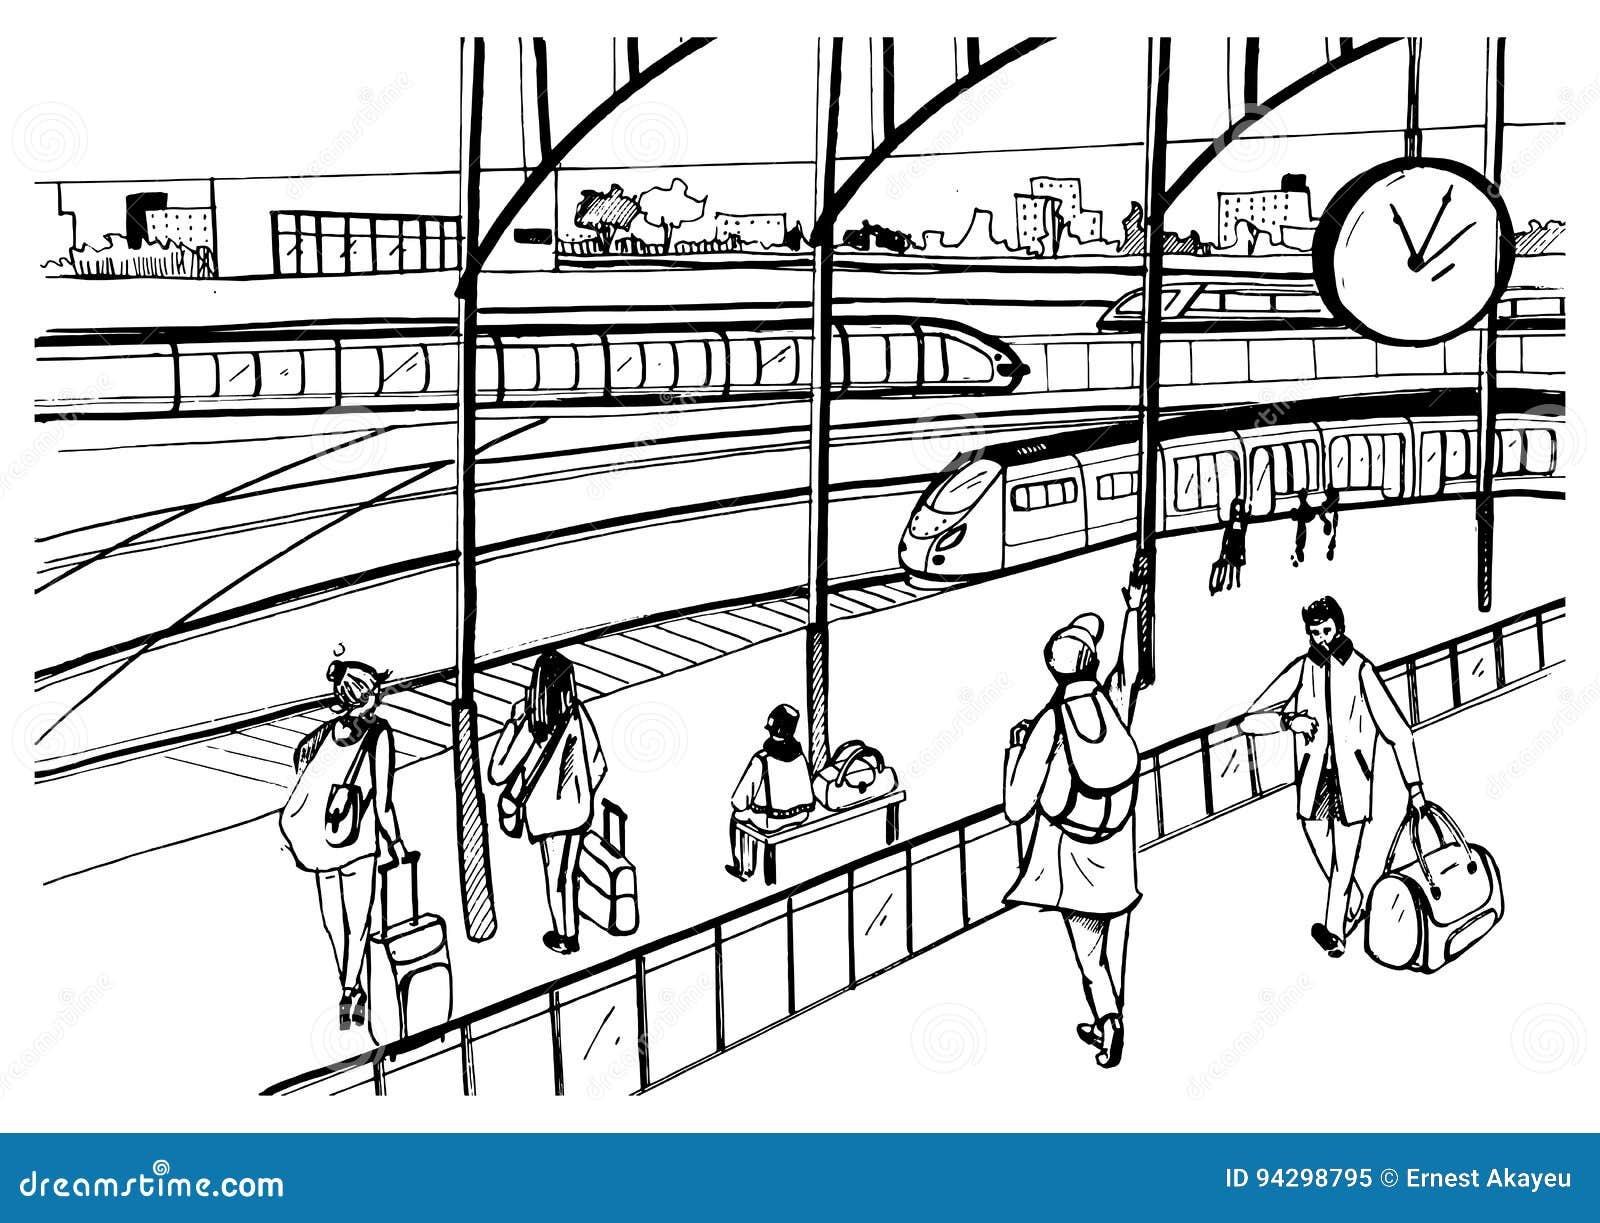 Allgemeine Ansicht Der Bahnplattform Mit Zügen Und Passagieren ...